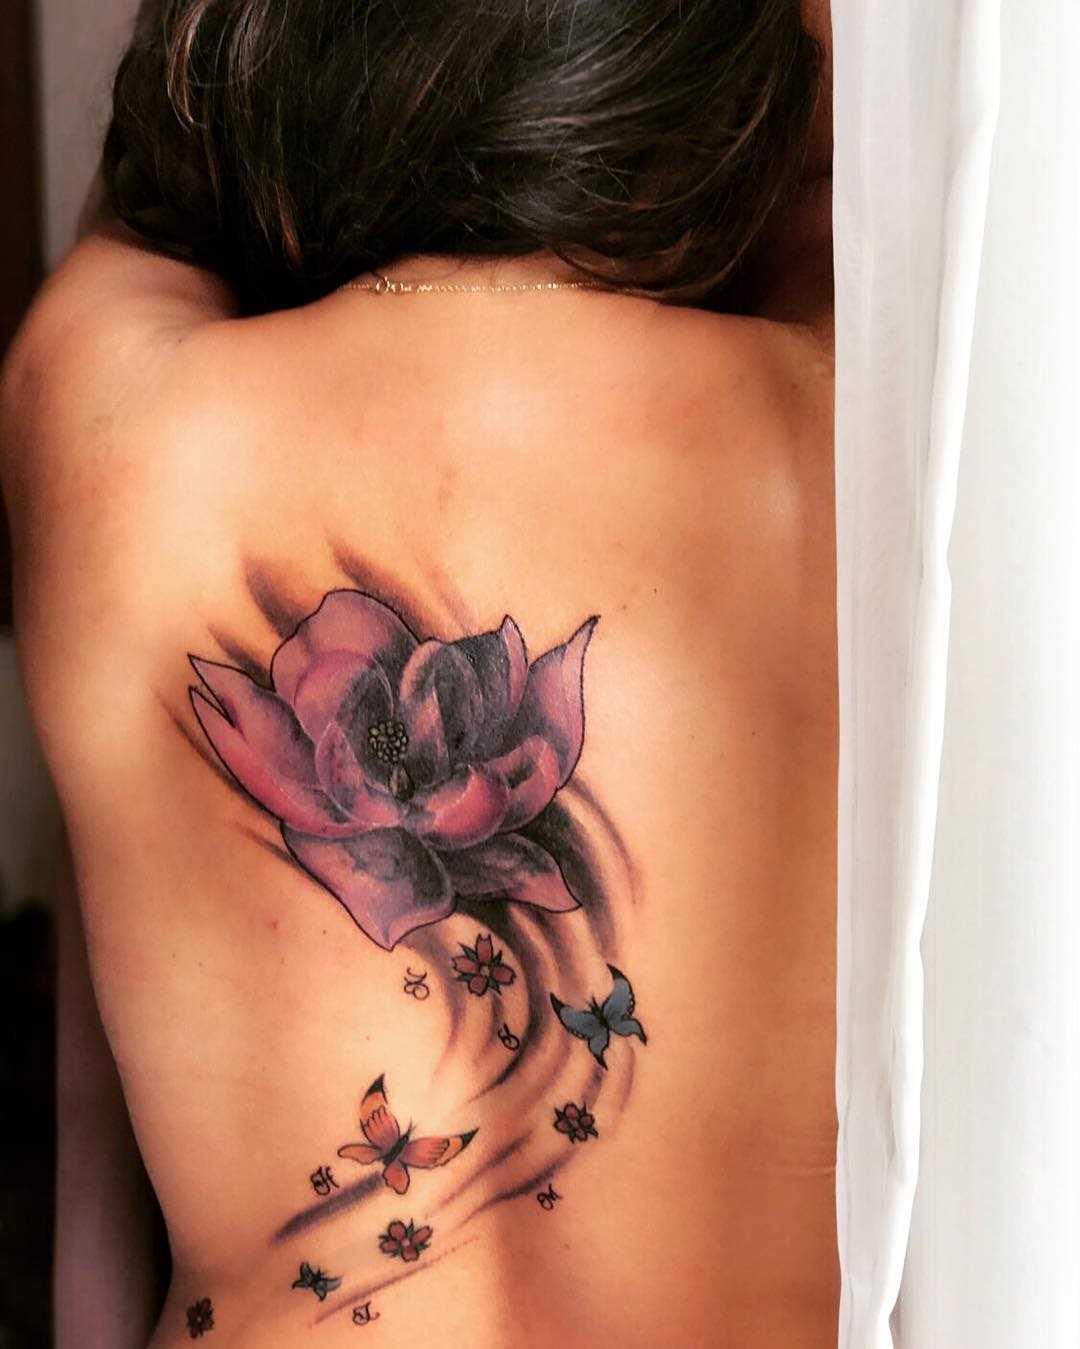 Esta foto de uma linda tatuagem, lírios de água na parte de trás da menina